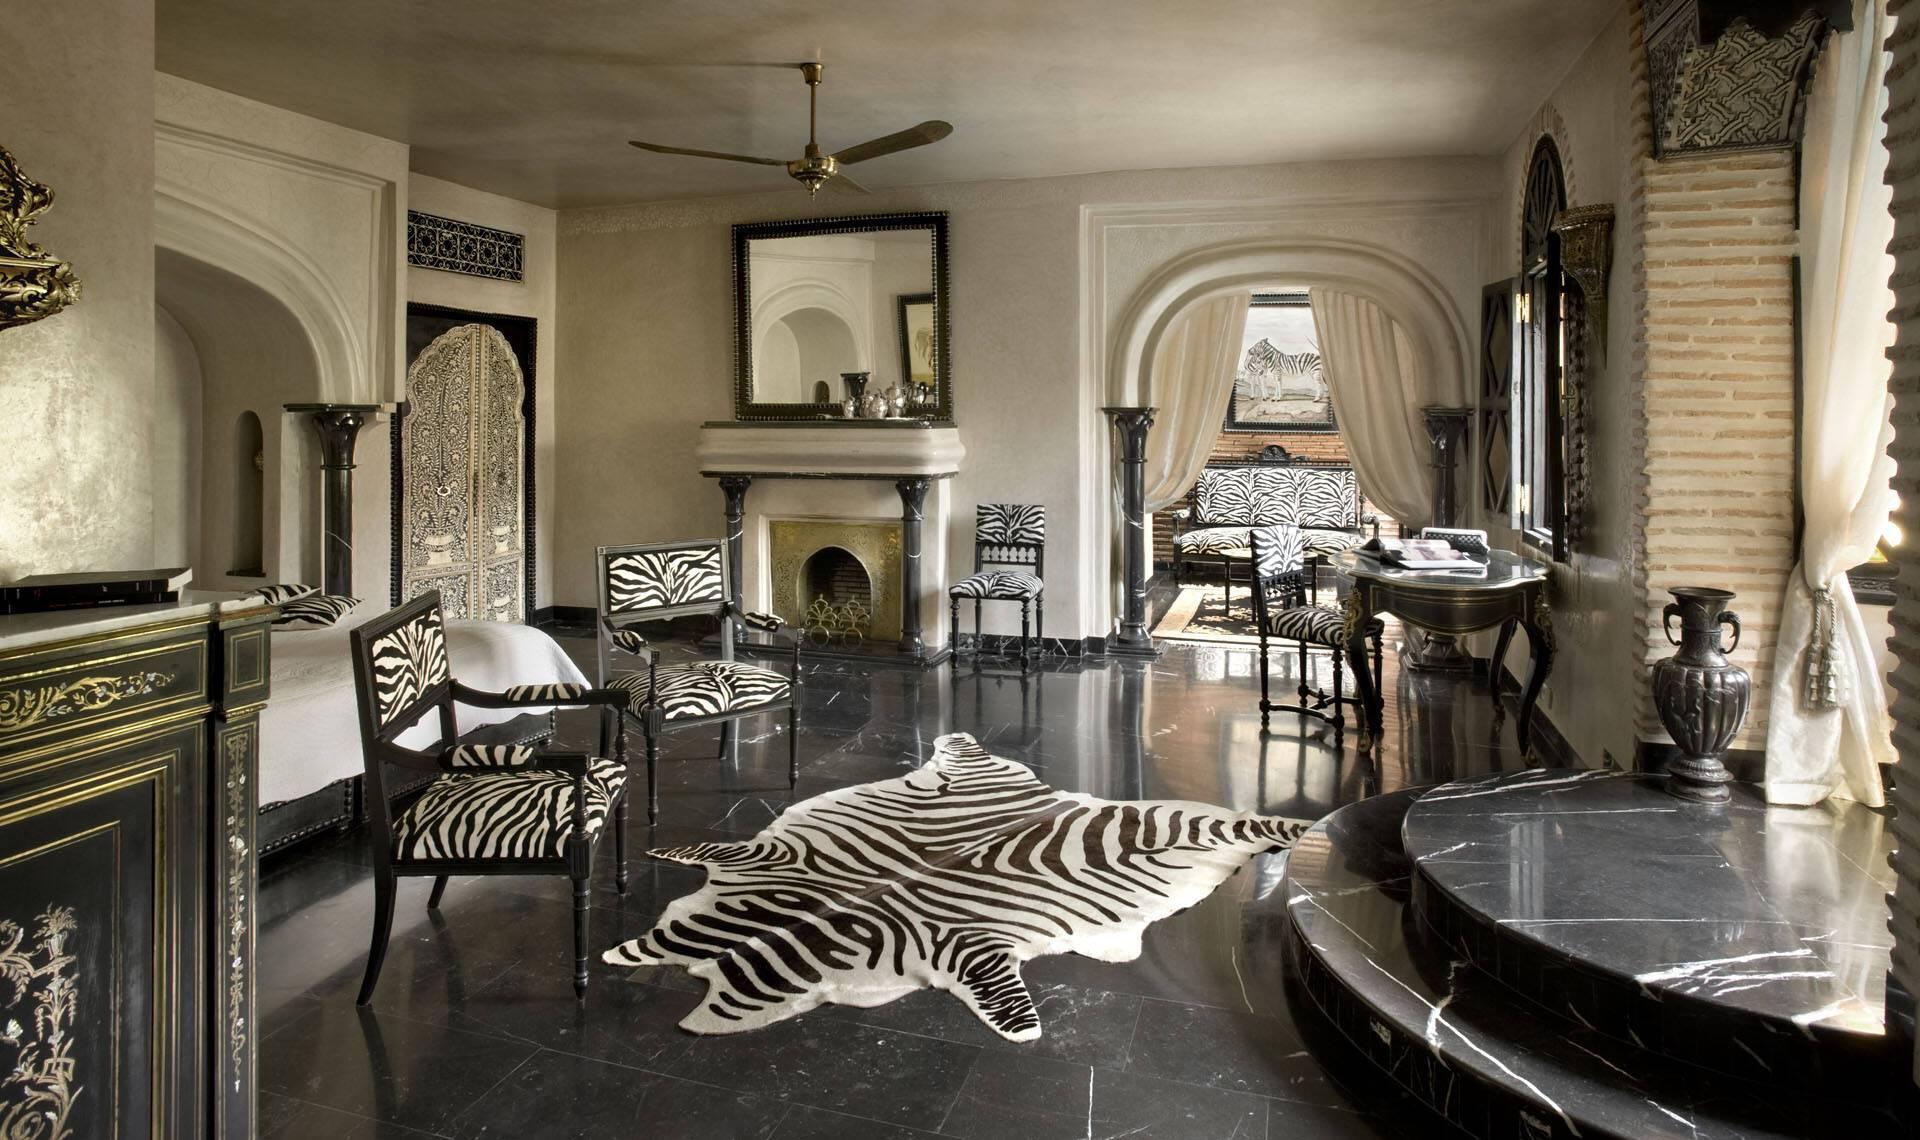 Sultana Marrakech Suite Deluxe